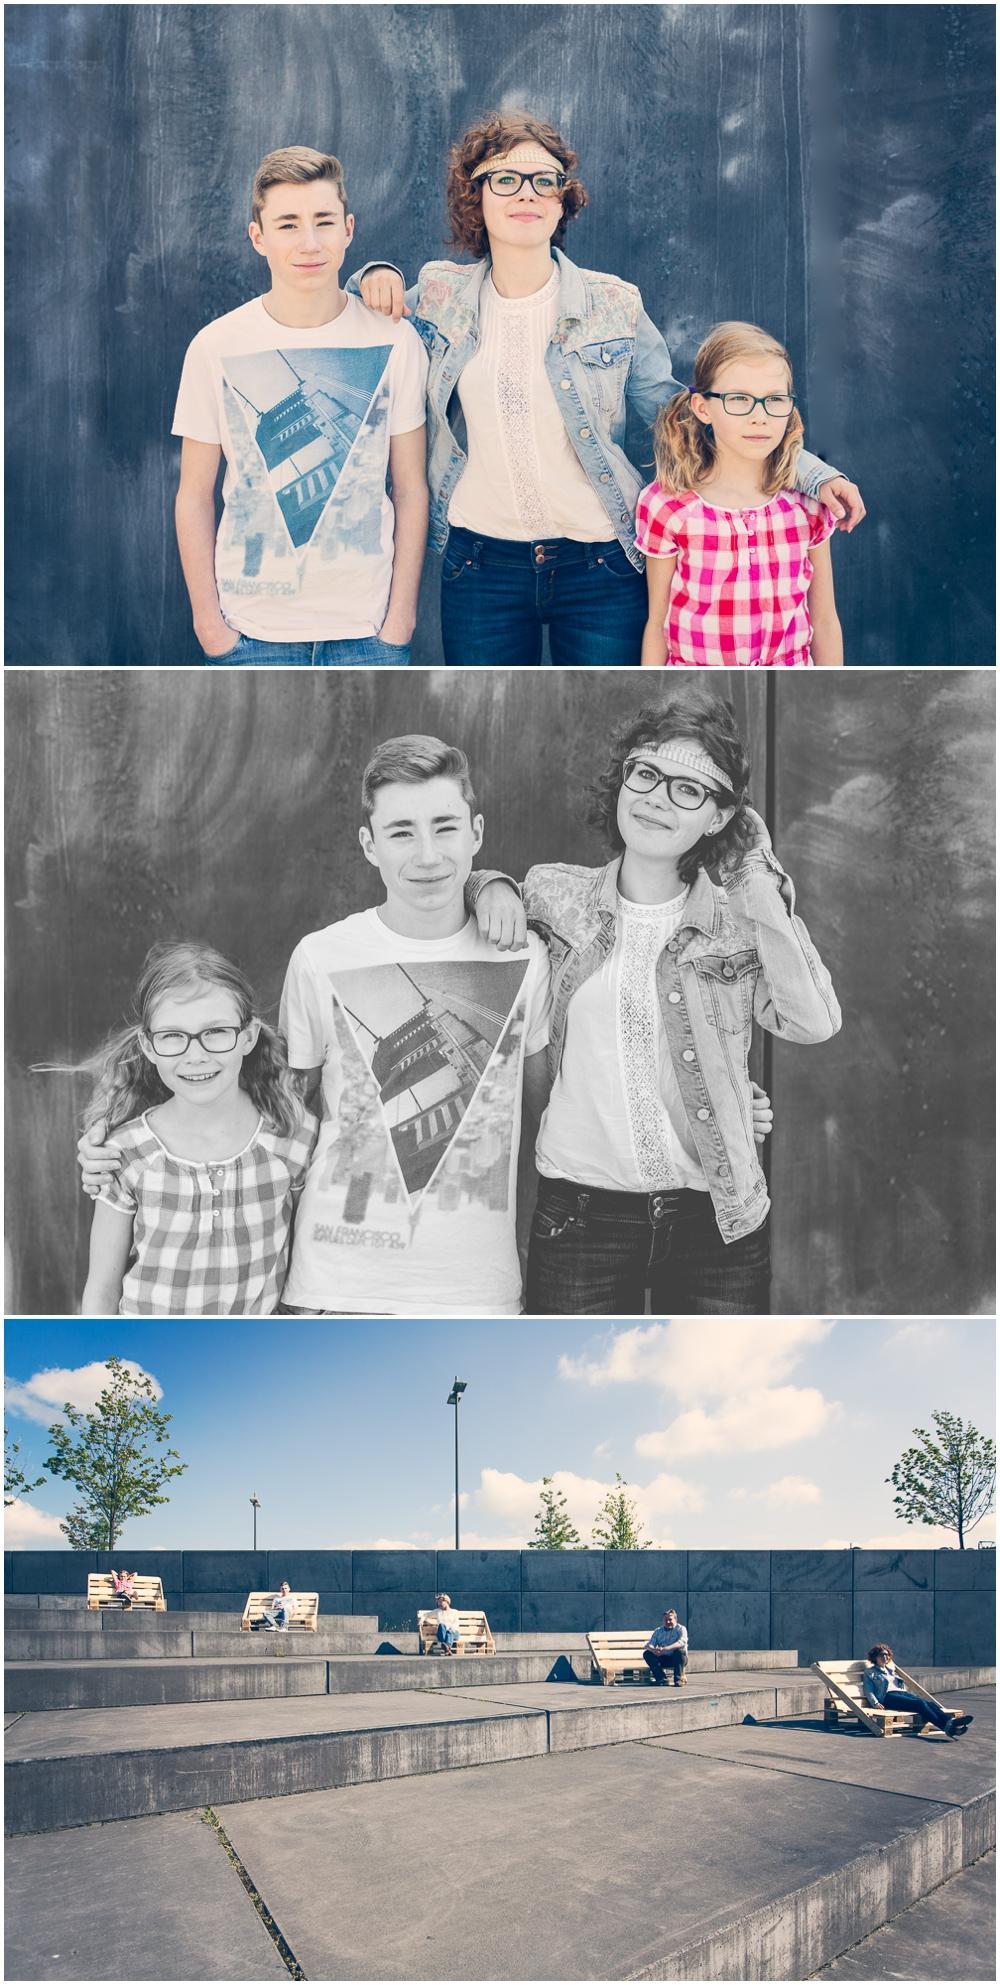 2014-07-14_0005.jpg